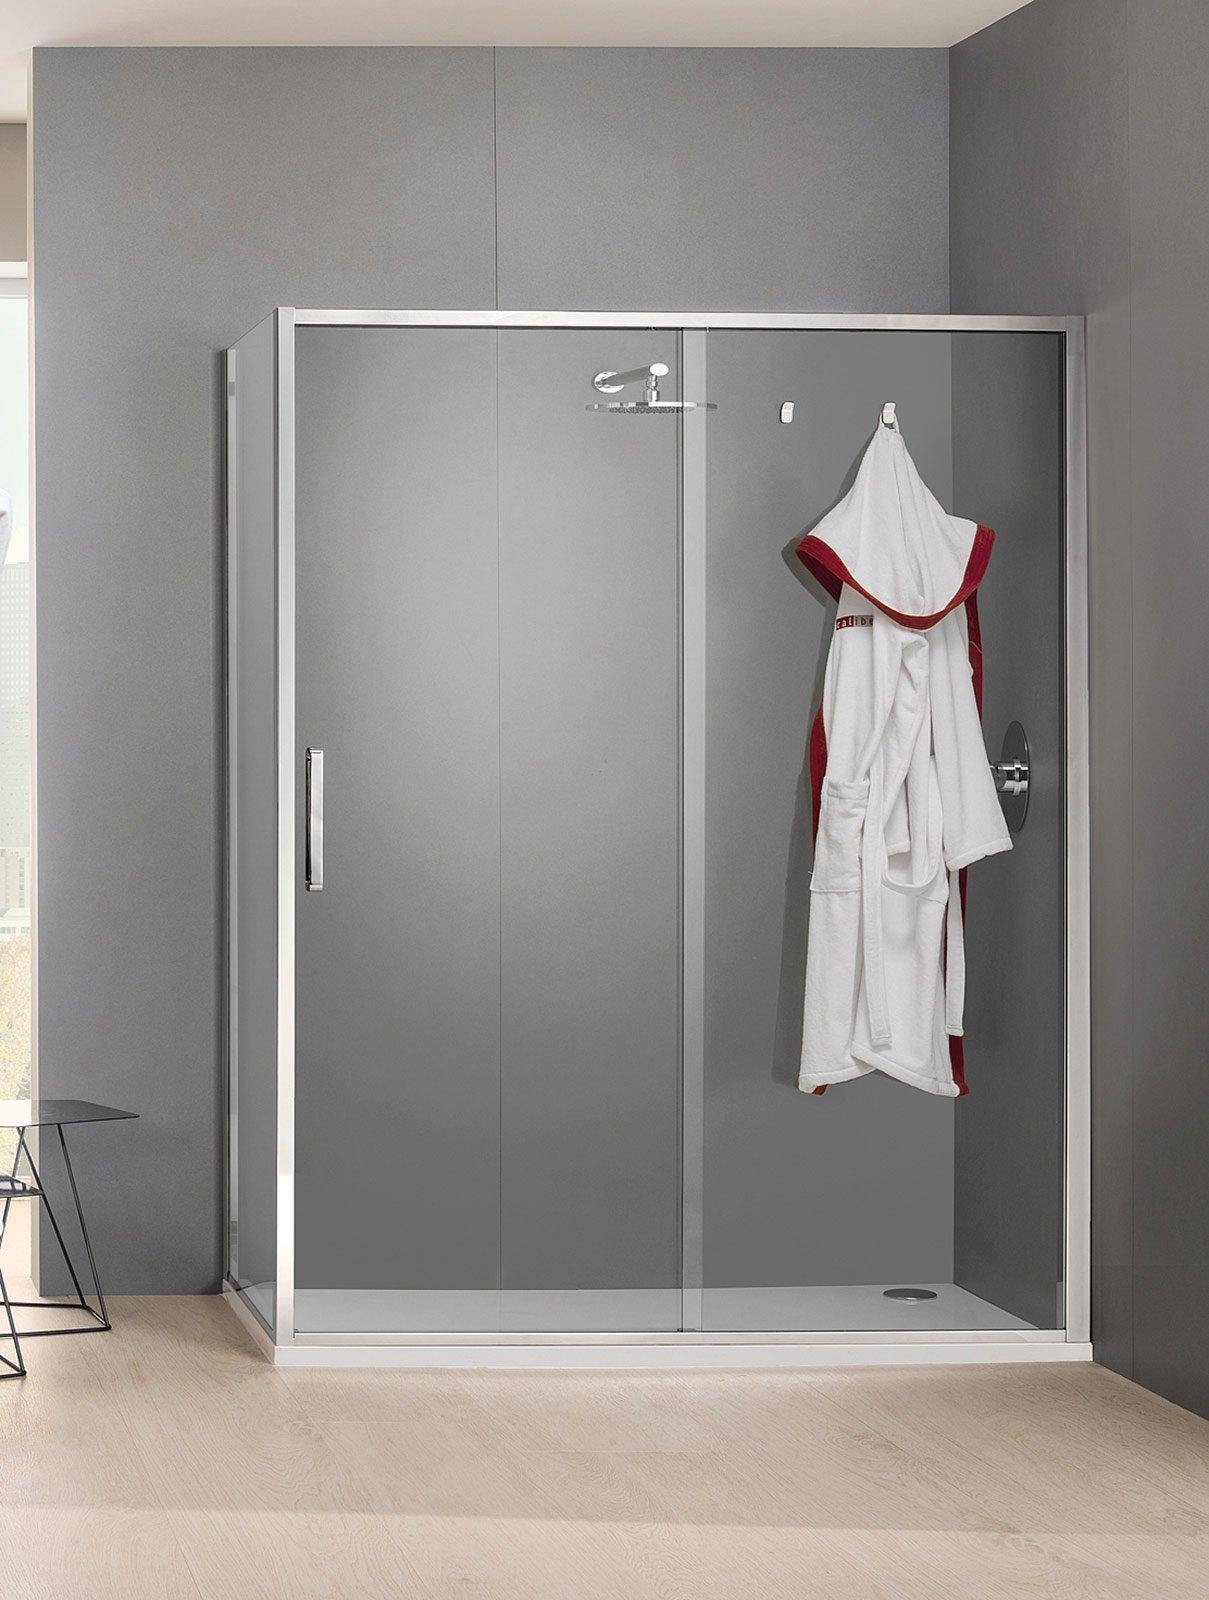 Bagno dettagli di design per la doccia cose di casa - Porta accappatoio da doccia ...